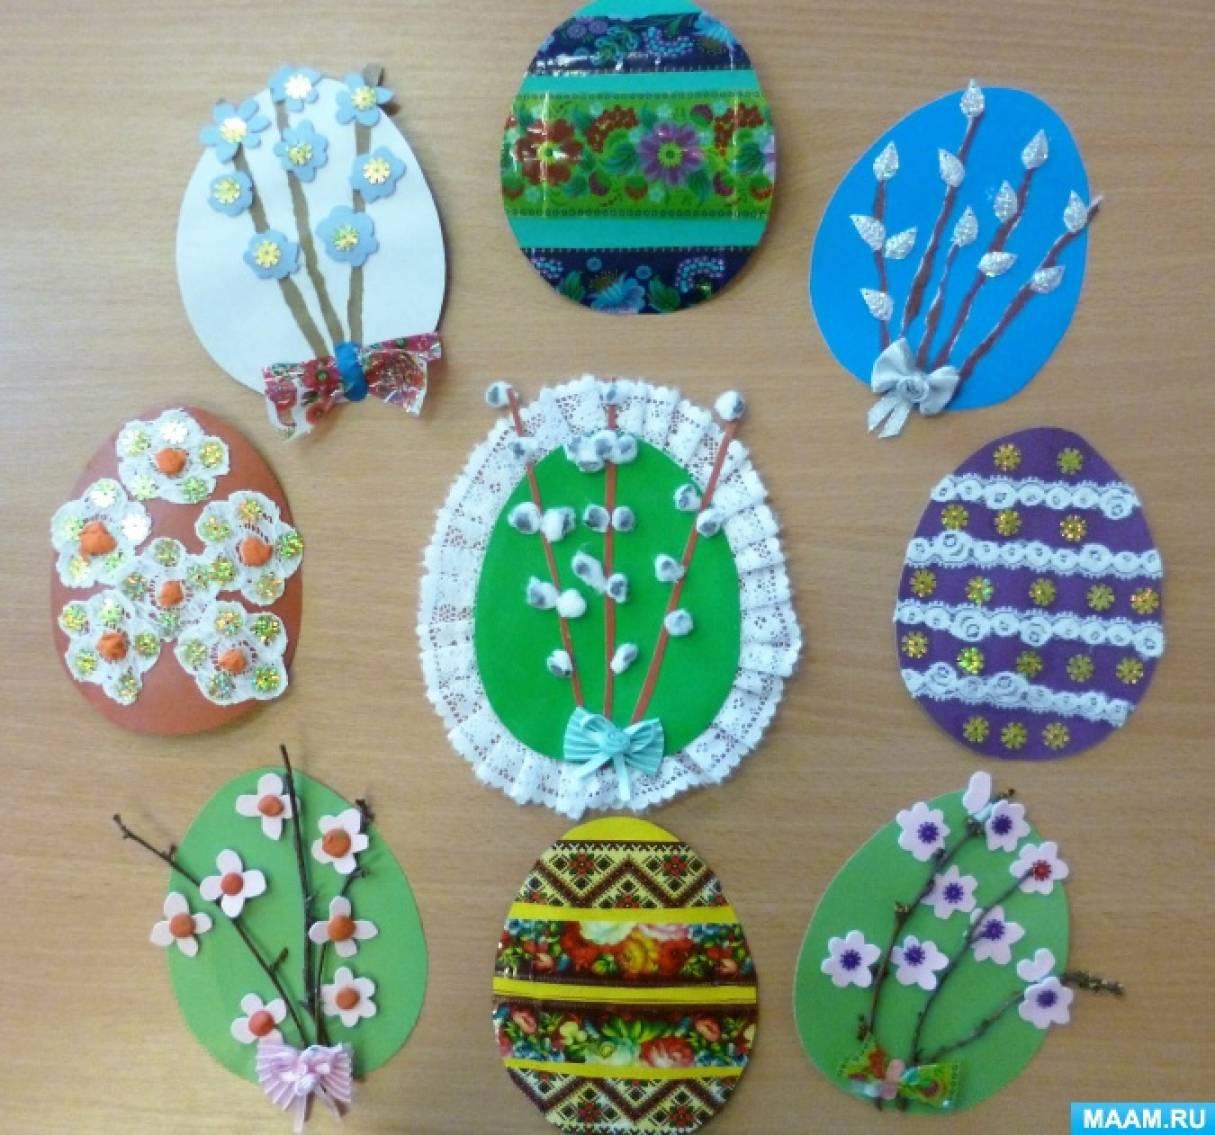 Конспект совместной деятельности с детьми с использованием нетрадиционных художественных материалов «Пасхальные фантазии»